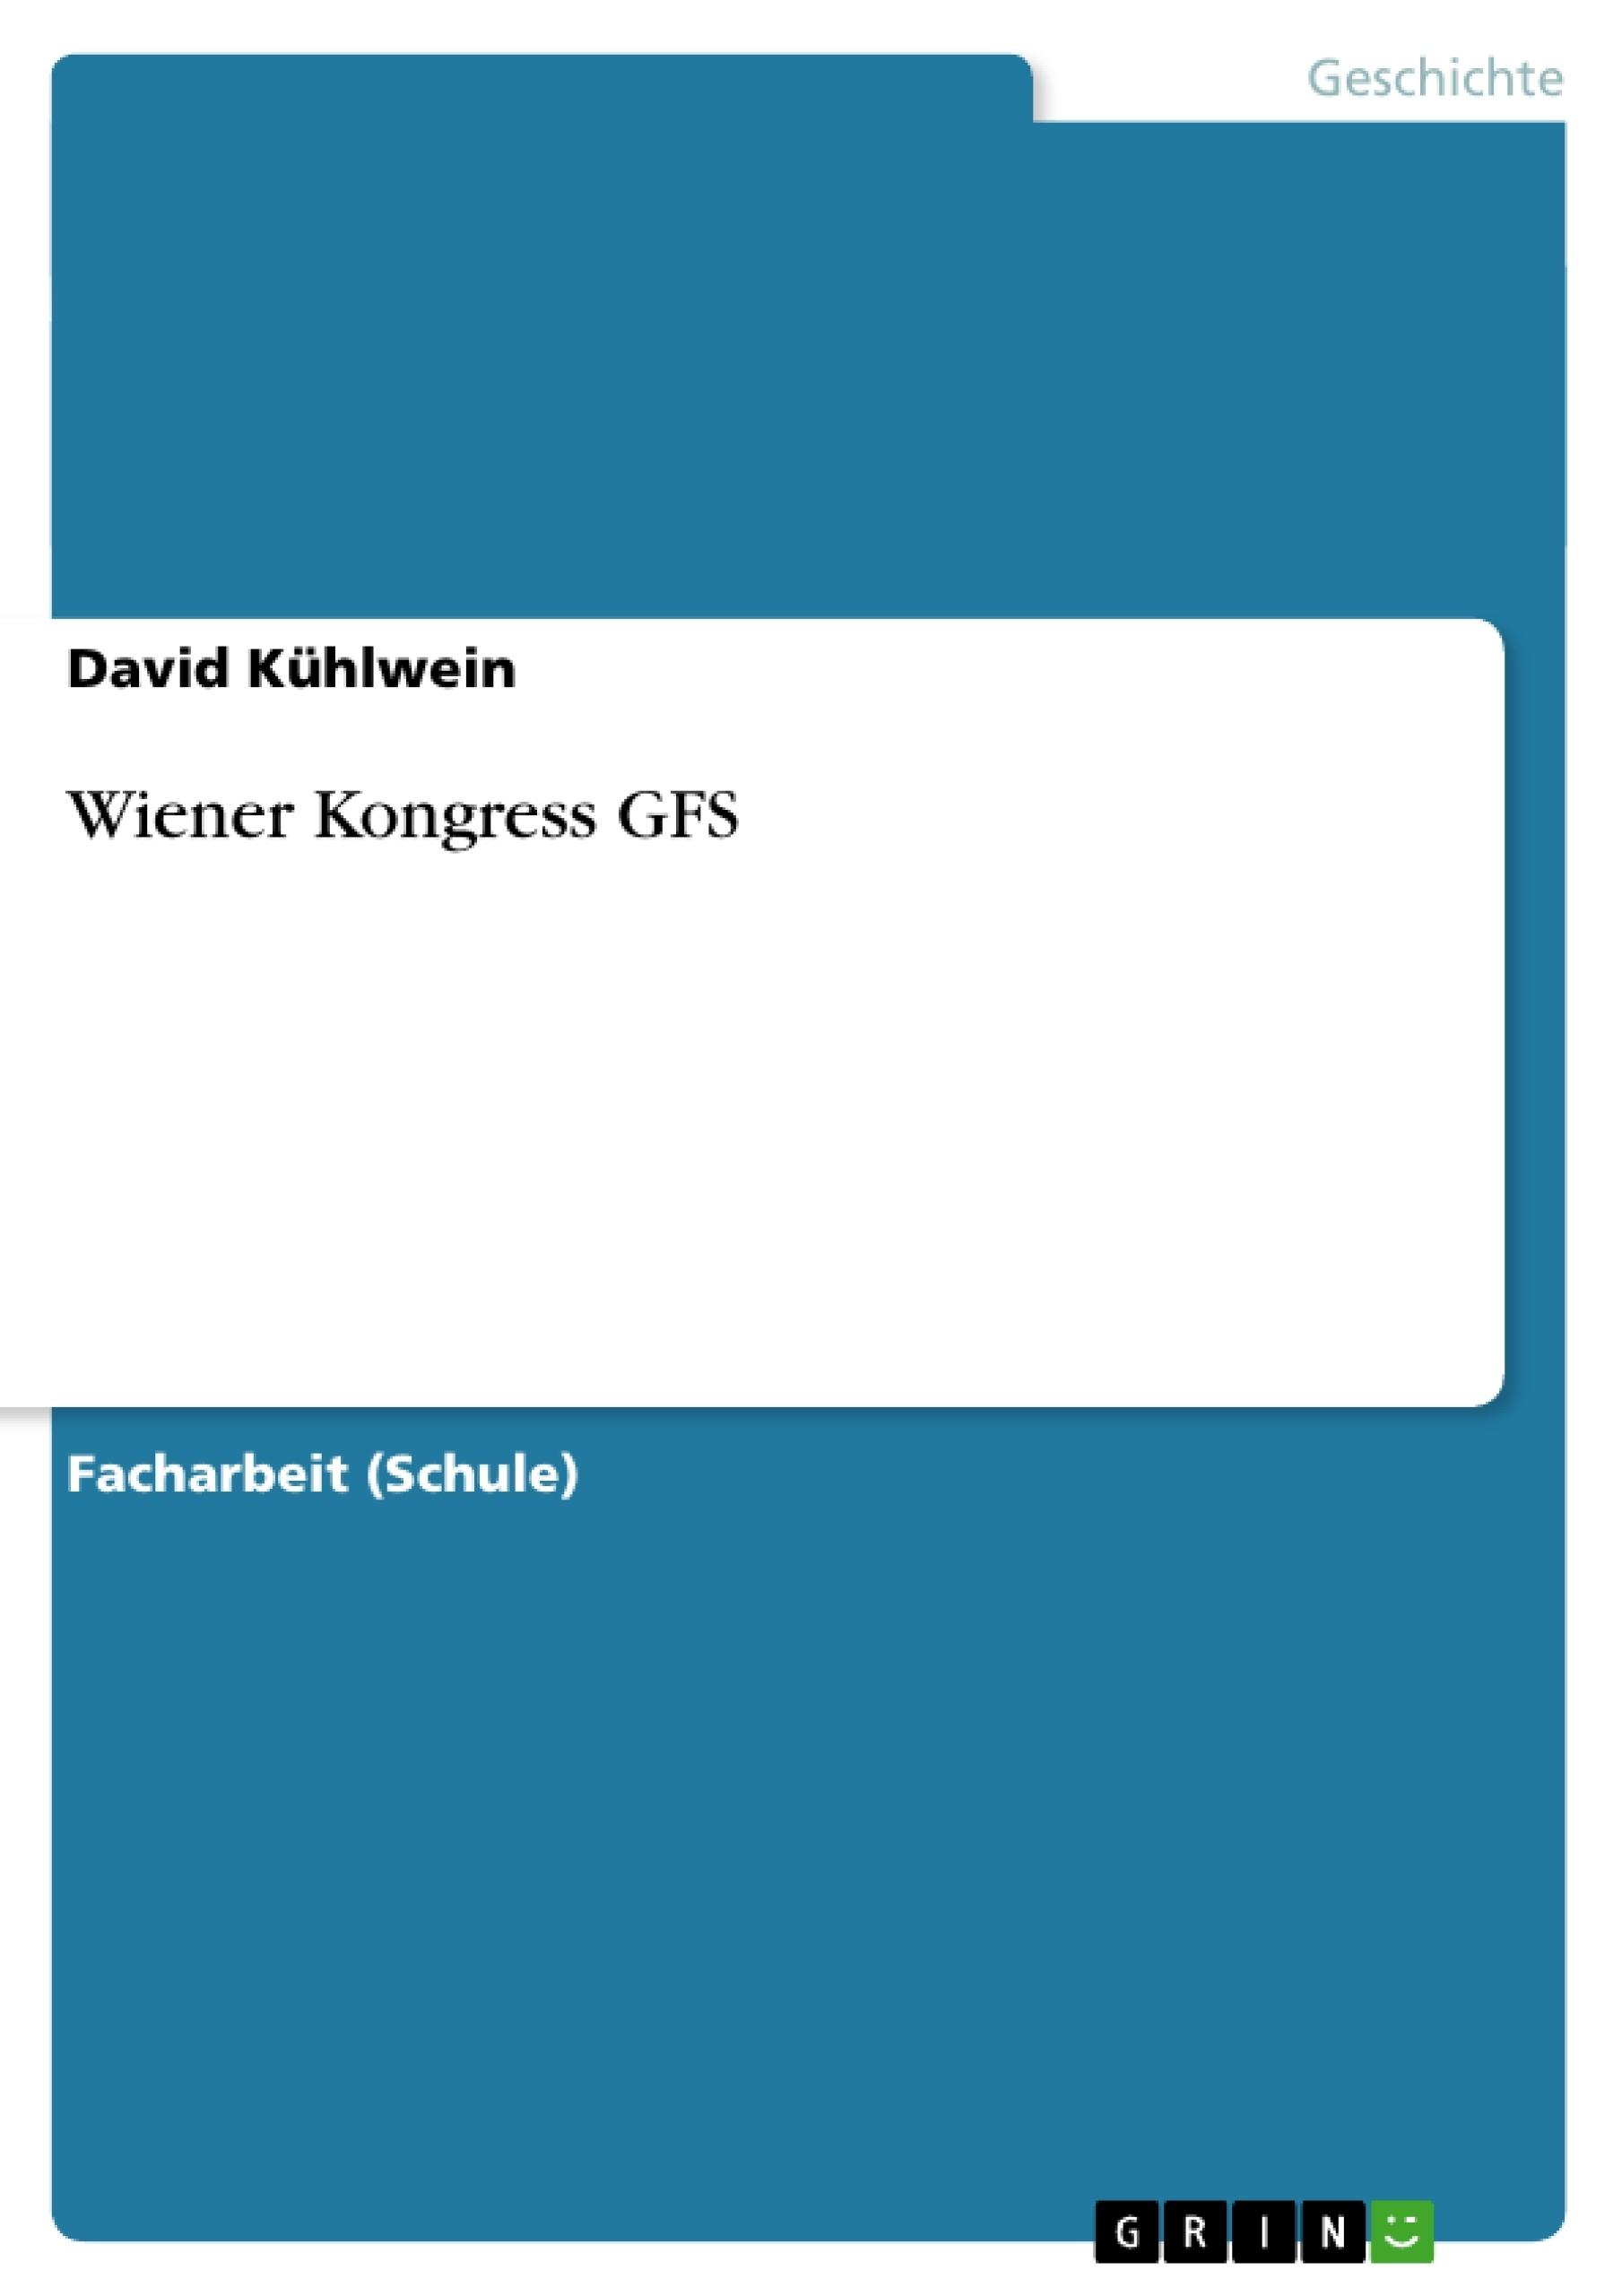 Titel: Wiener Kongress GFS